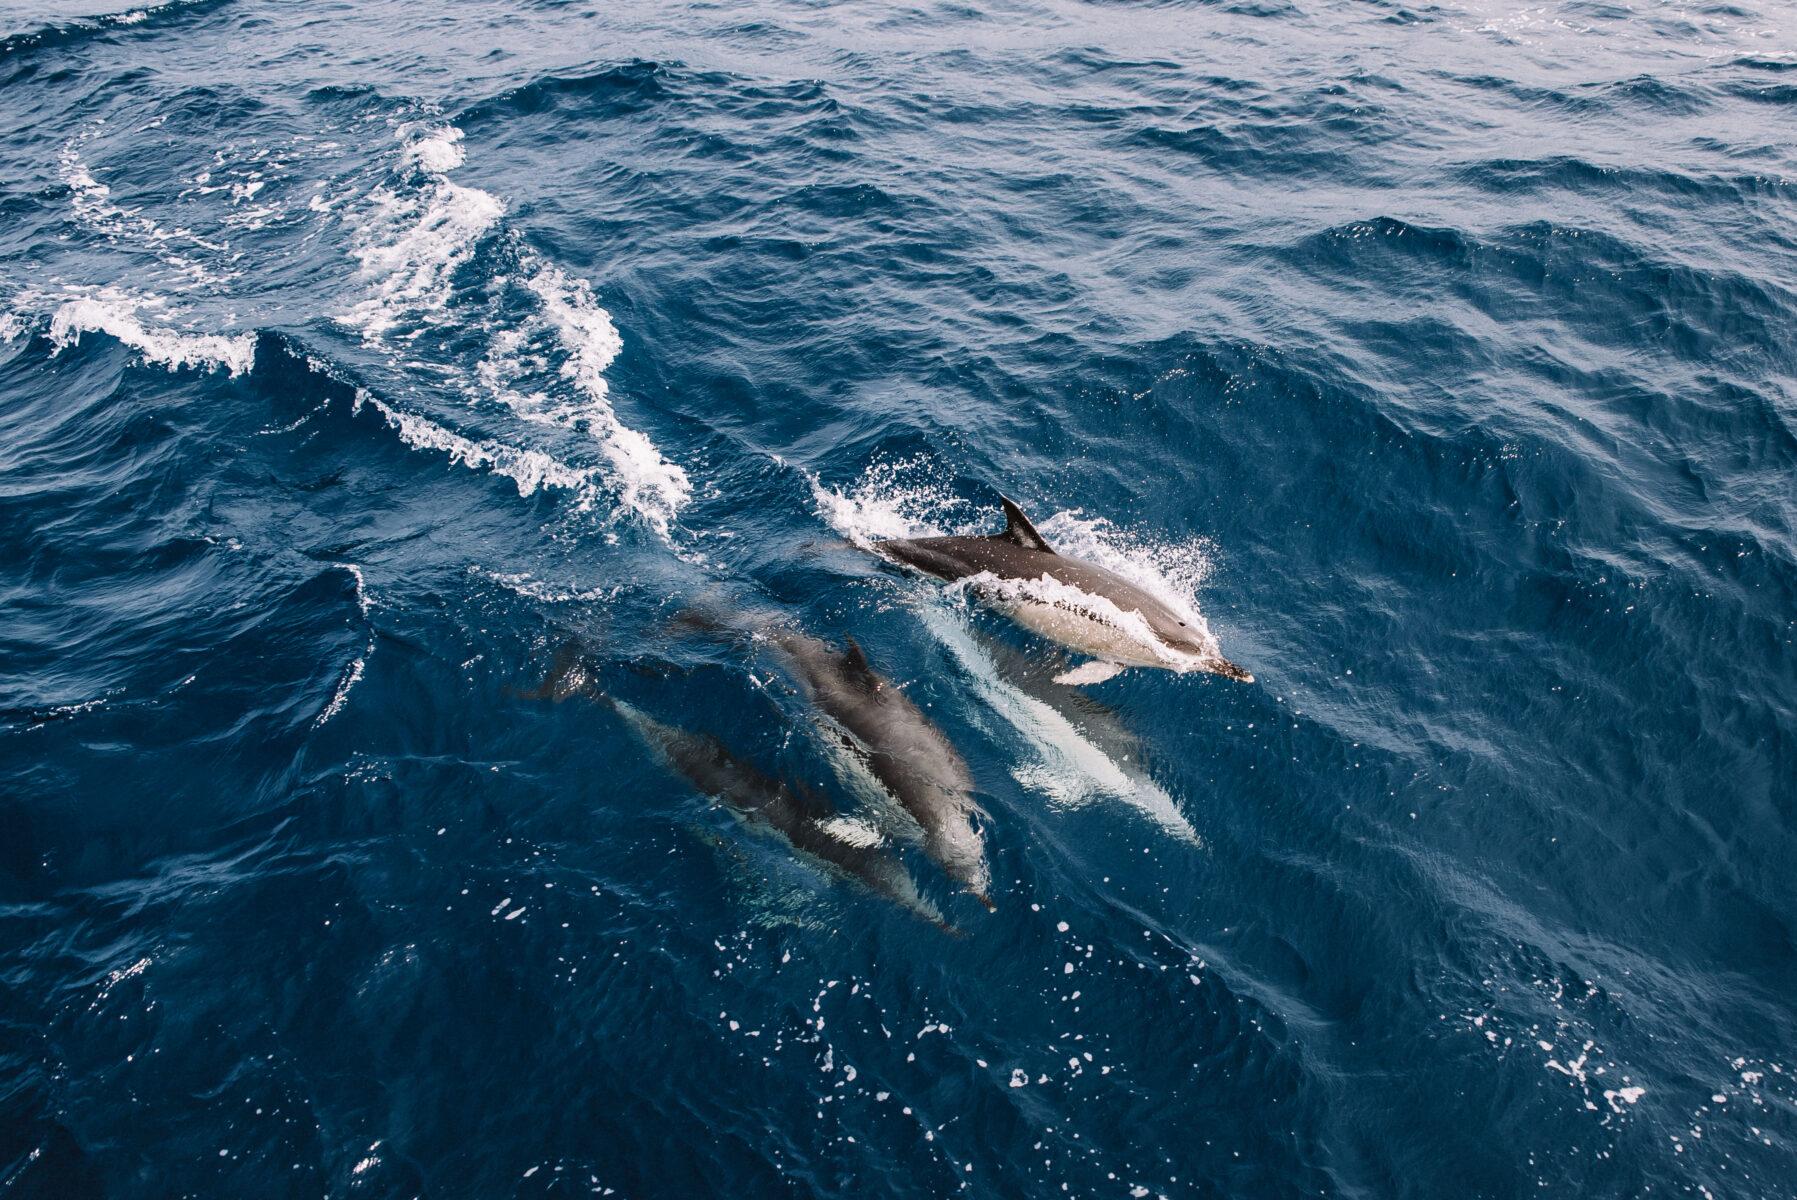 Golfinhos – Observação de Cetáceos